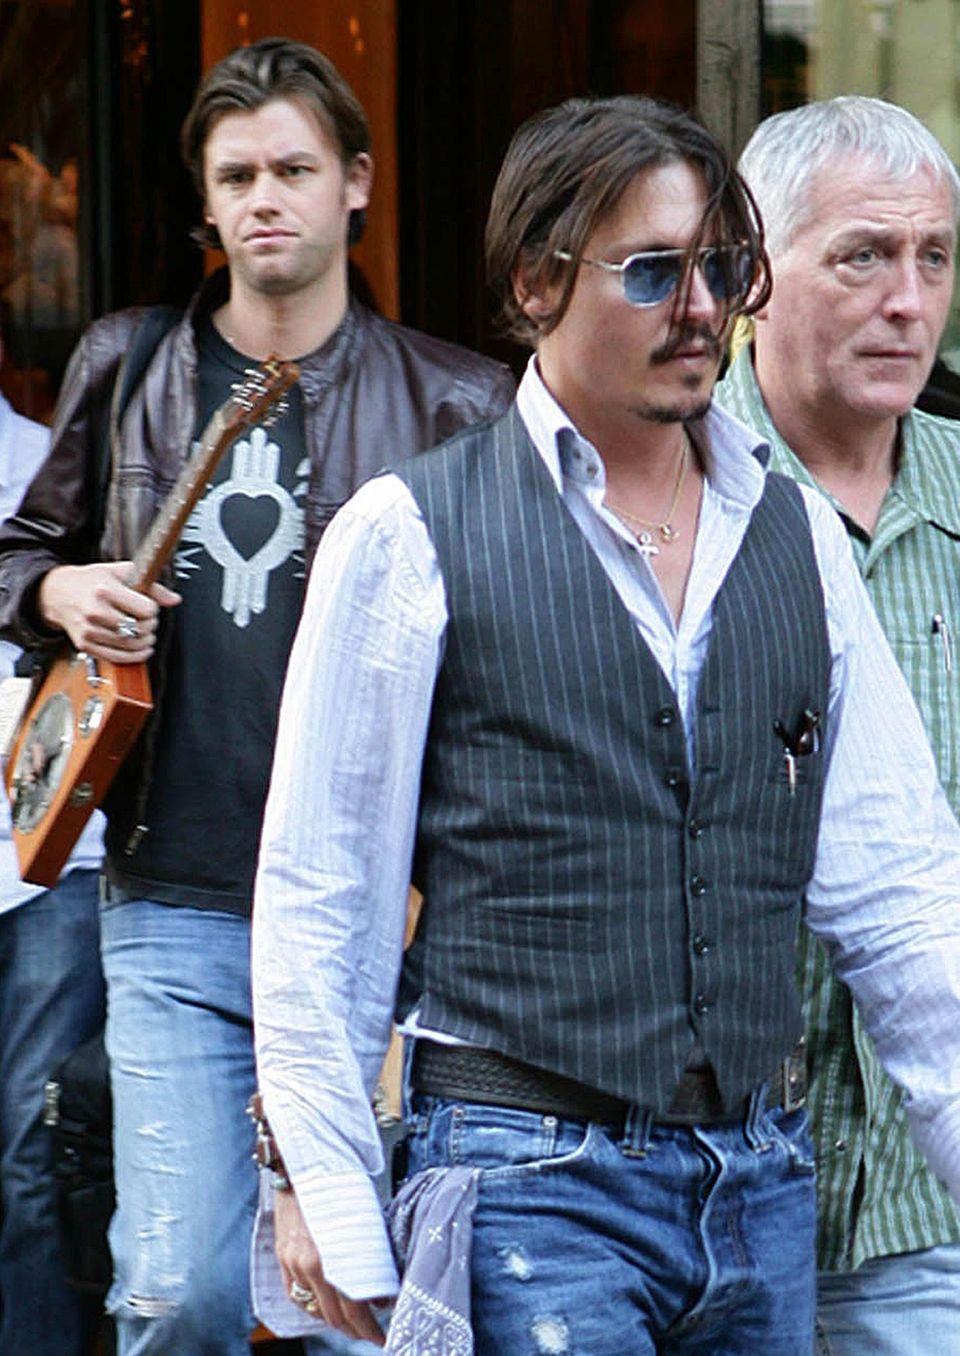 Johnny Depps langjähriger Assistent Stephen Deuters (links) behauptet, die SMS-Konversation habe so nie stattgefunden.